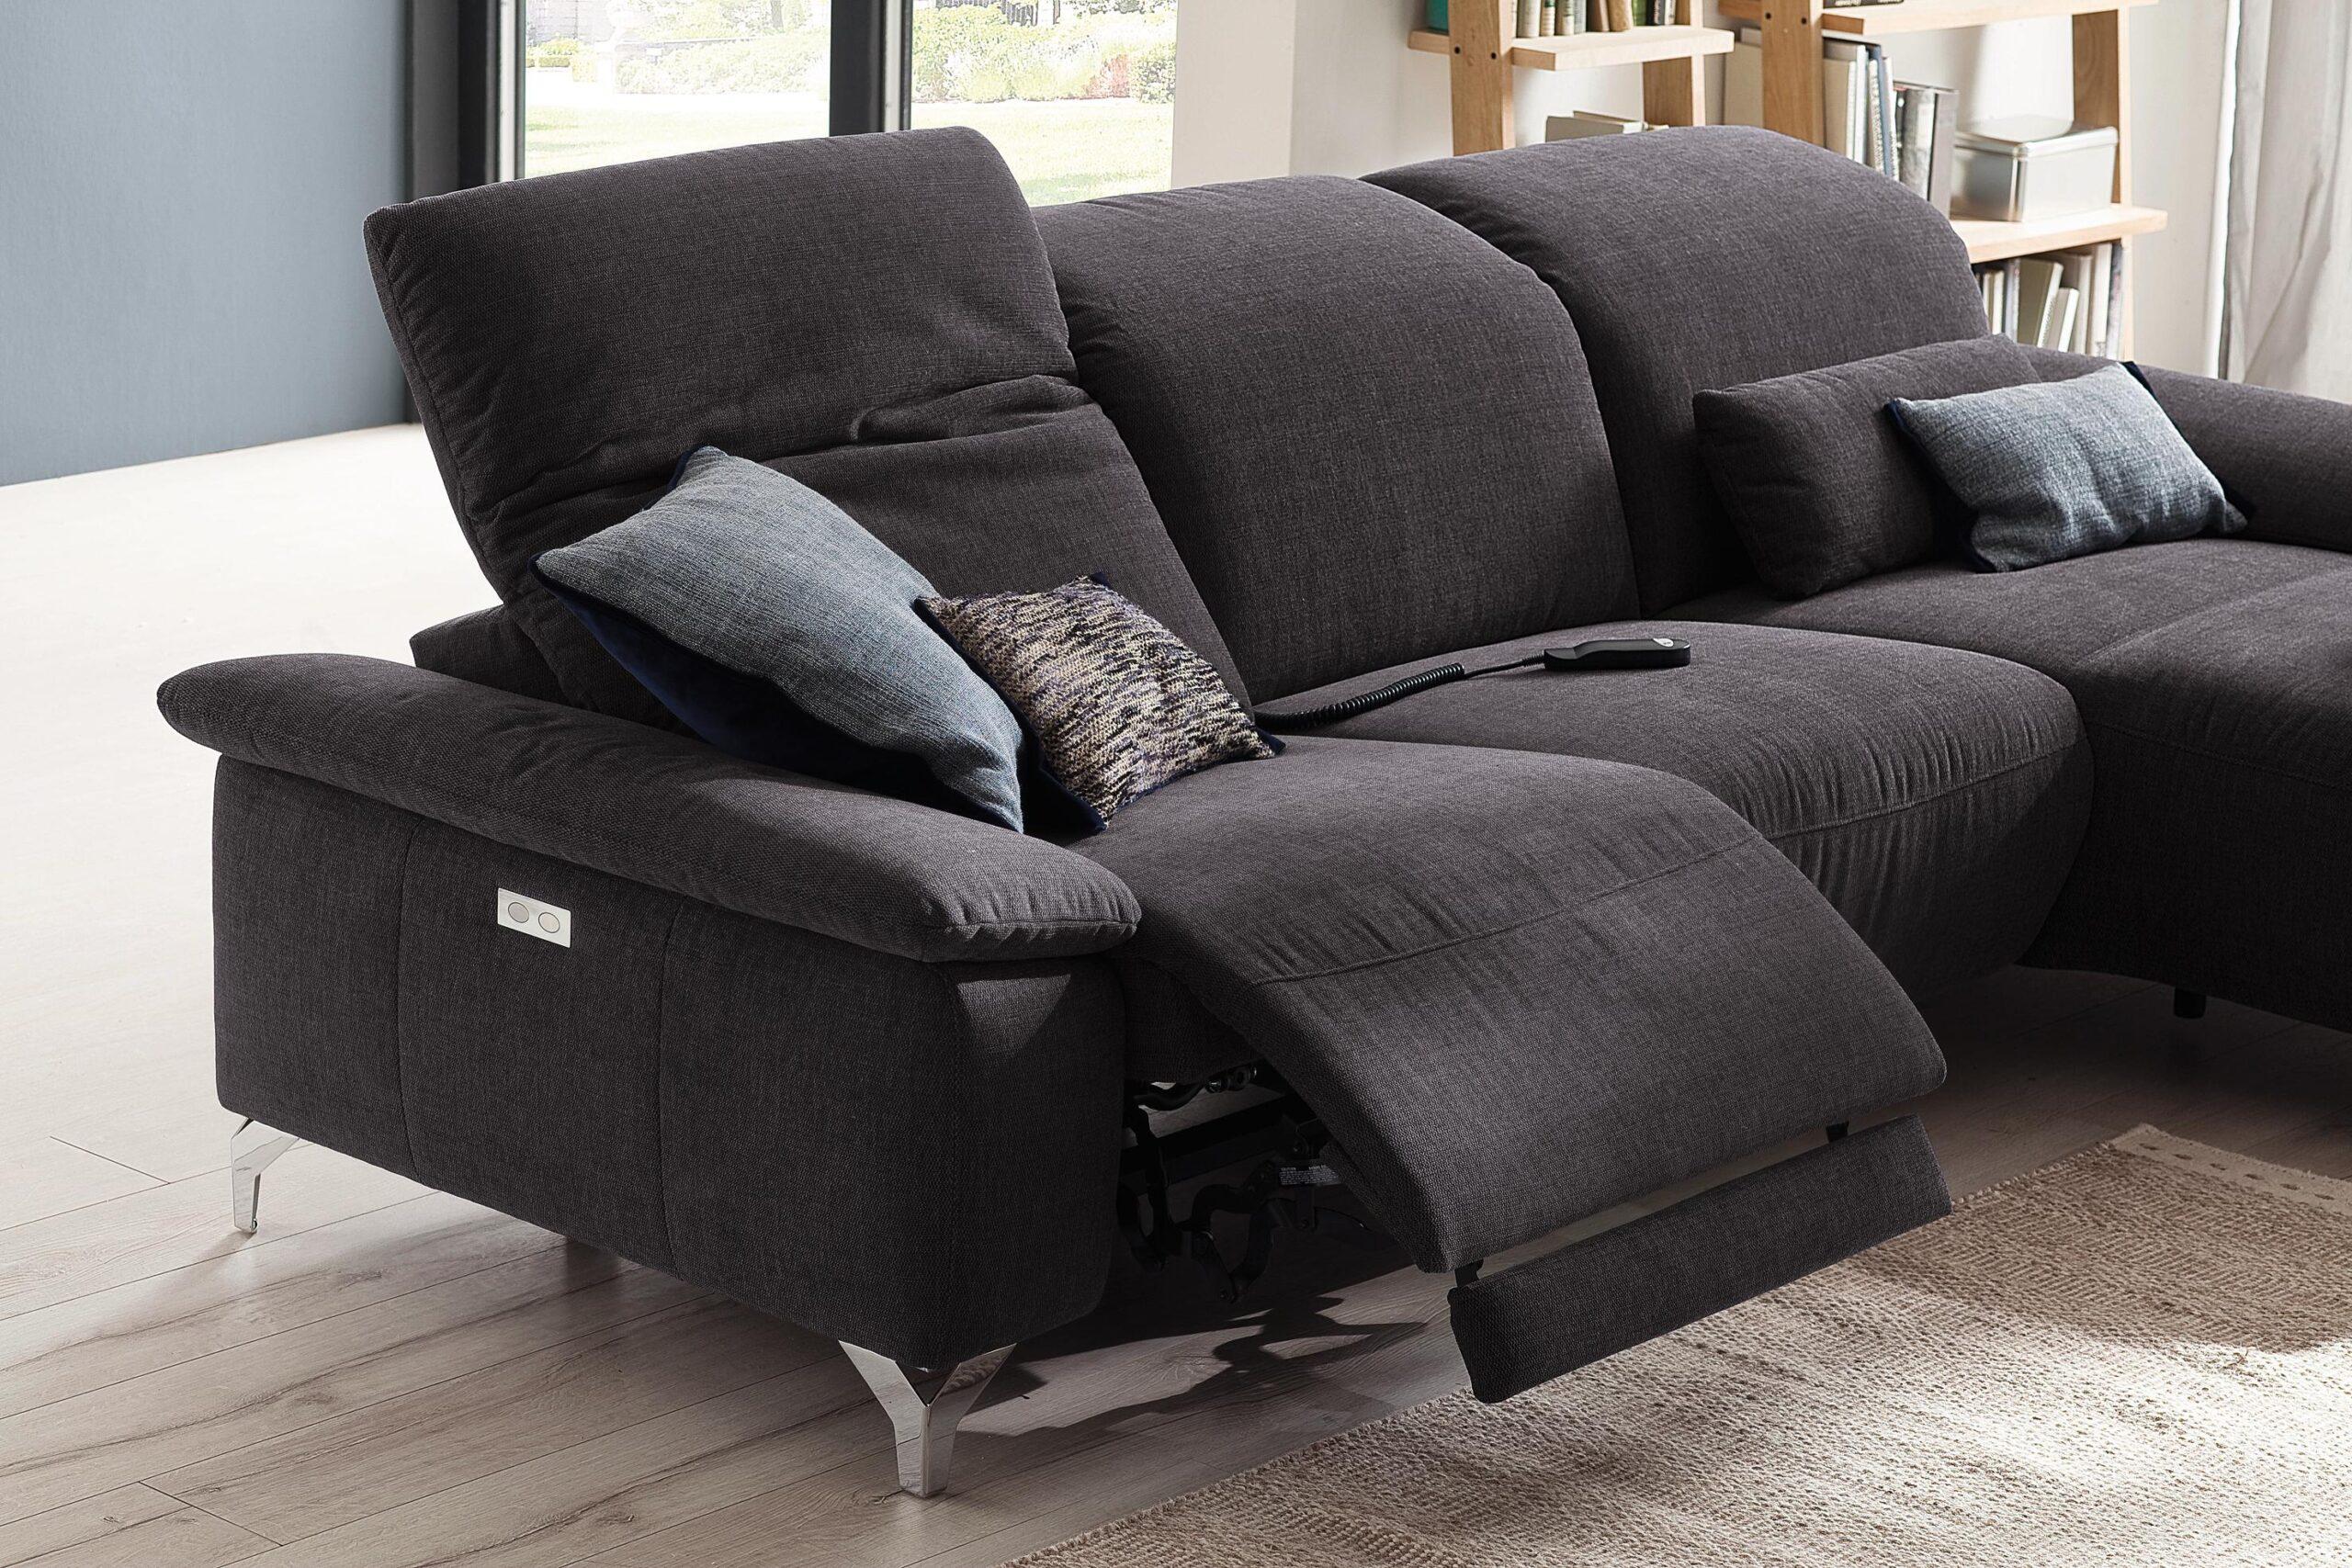 Full Size of Relaxsofa Elektrisch Mr 370 Musterring Elektrische Fußbodenheizung Bad Sofa Mit Elektrischer Sitztiefenverstellung Relaxfunktion Wohnzimmer Relaxsofa Elektrisch